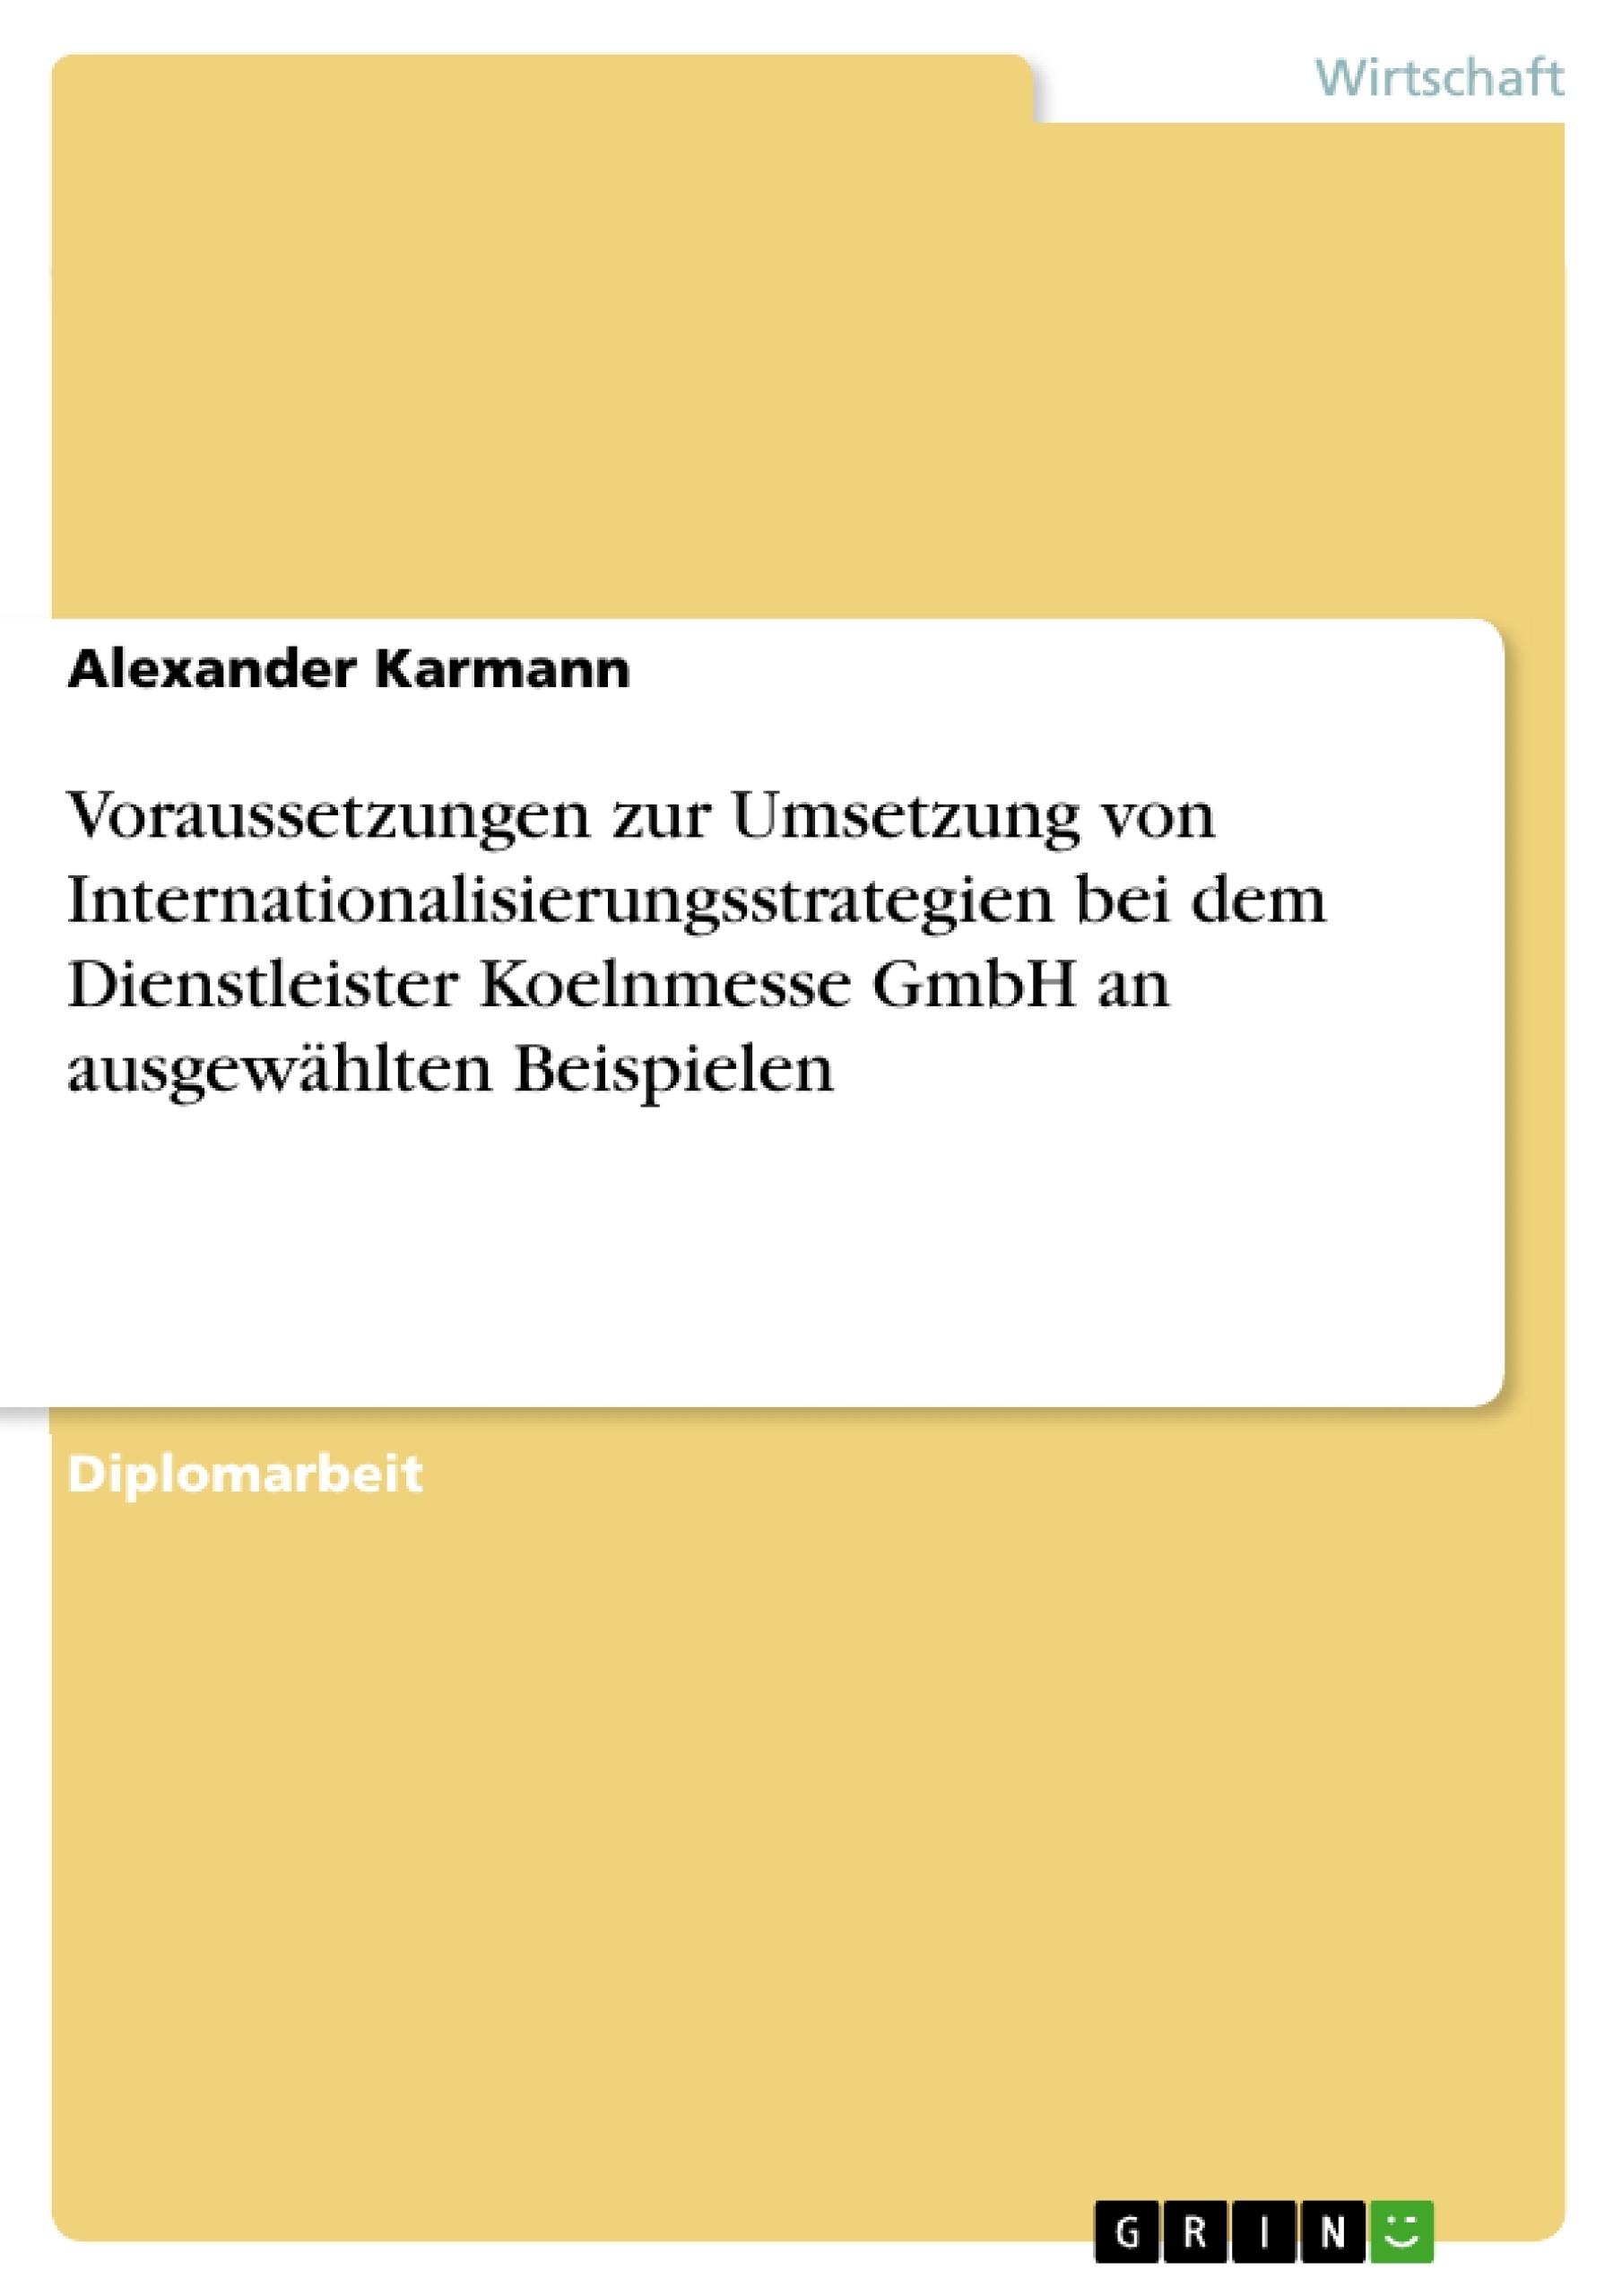 Titel: Voraussetzungen zur Umsetzung von Internationalisierungsstrategien bei dem Dienstleister Koelnmesse GmbH an ausgewählten Beispielen